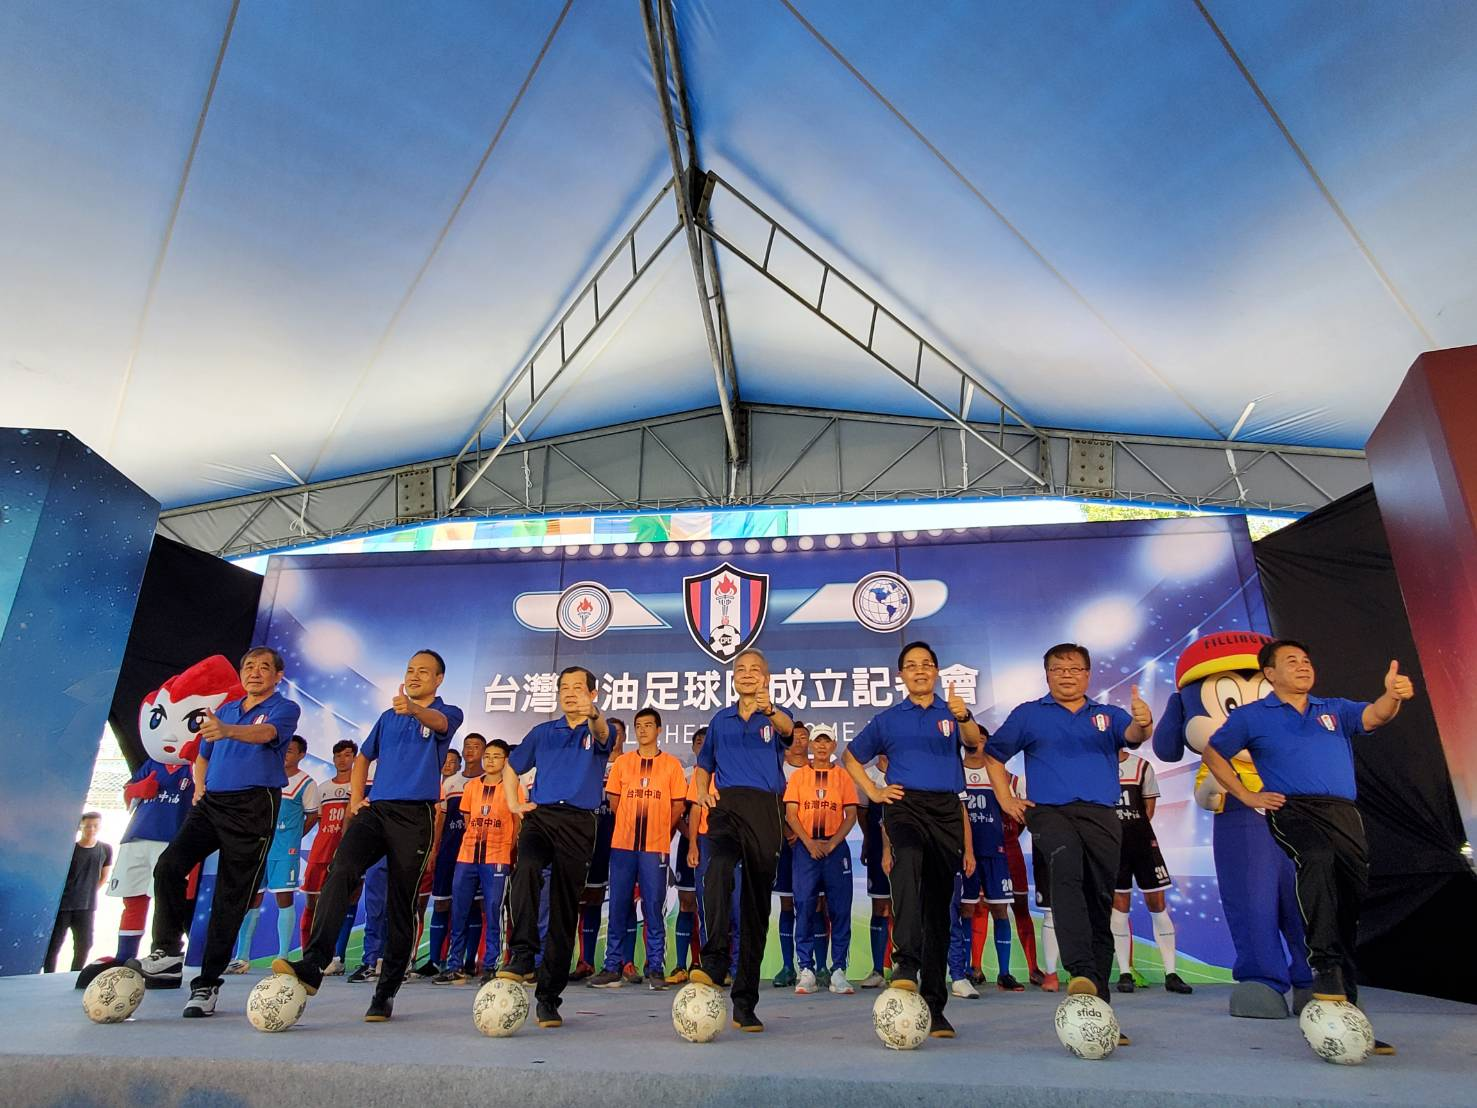 台灣中油足球隊成立 向世界宣告「我們來了!」